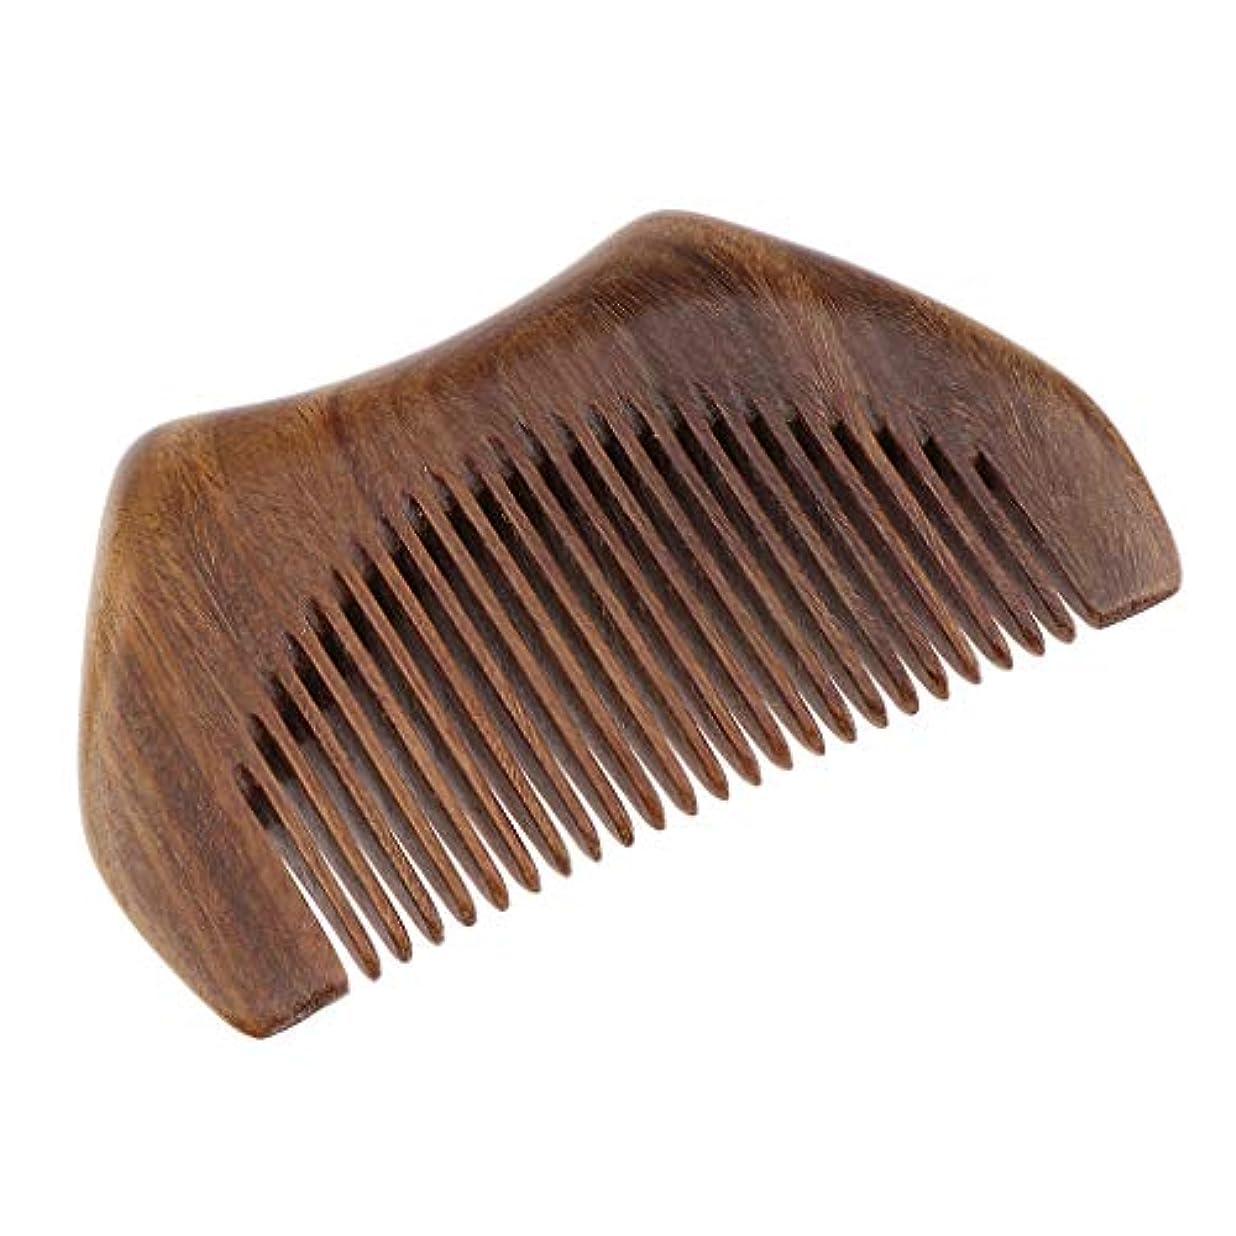 普通に餌現代のヘアコーム 木製櫛 ヘアブラシ ヘアスタイリング マッサージャー プレゼント